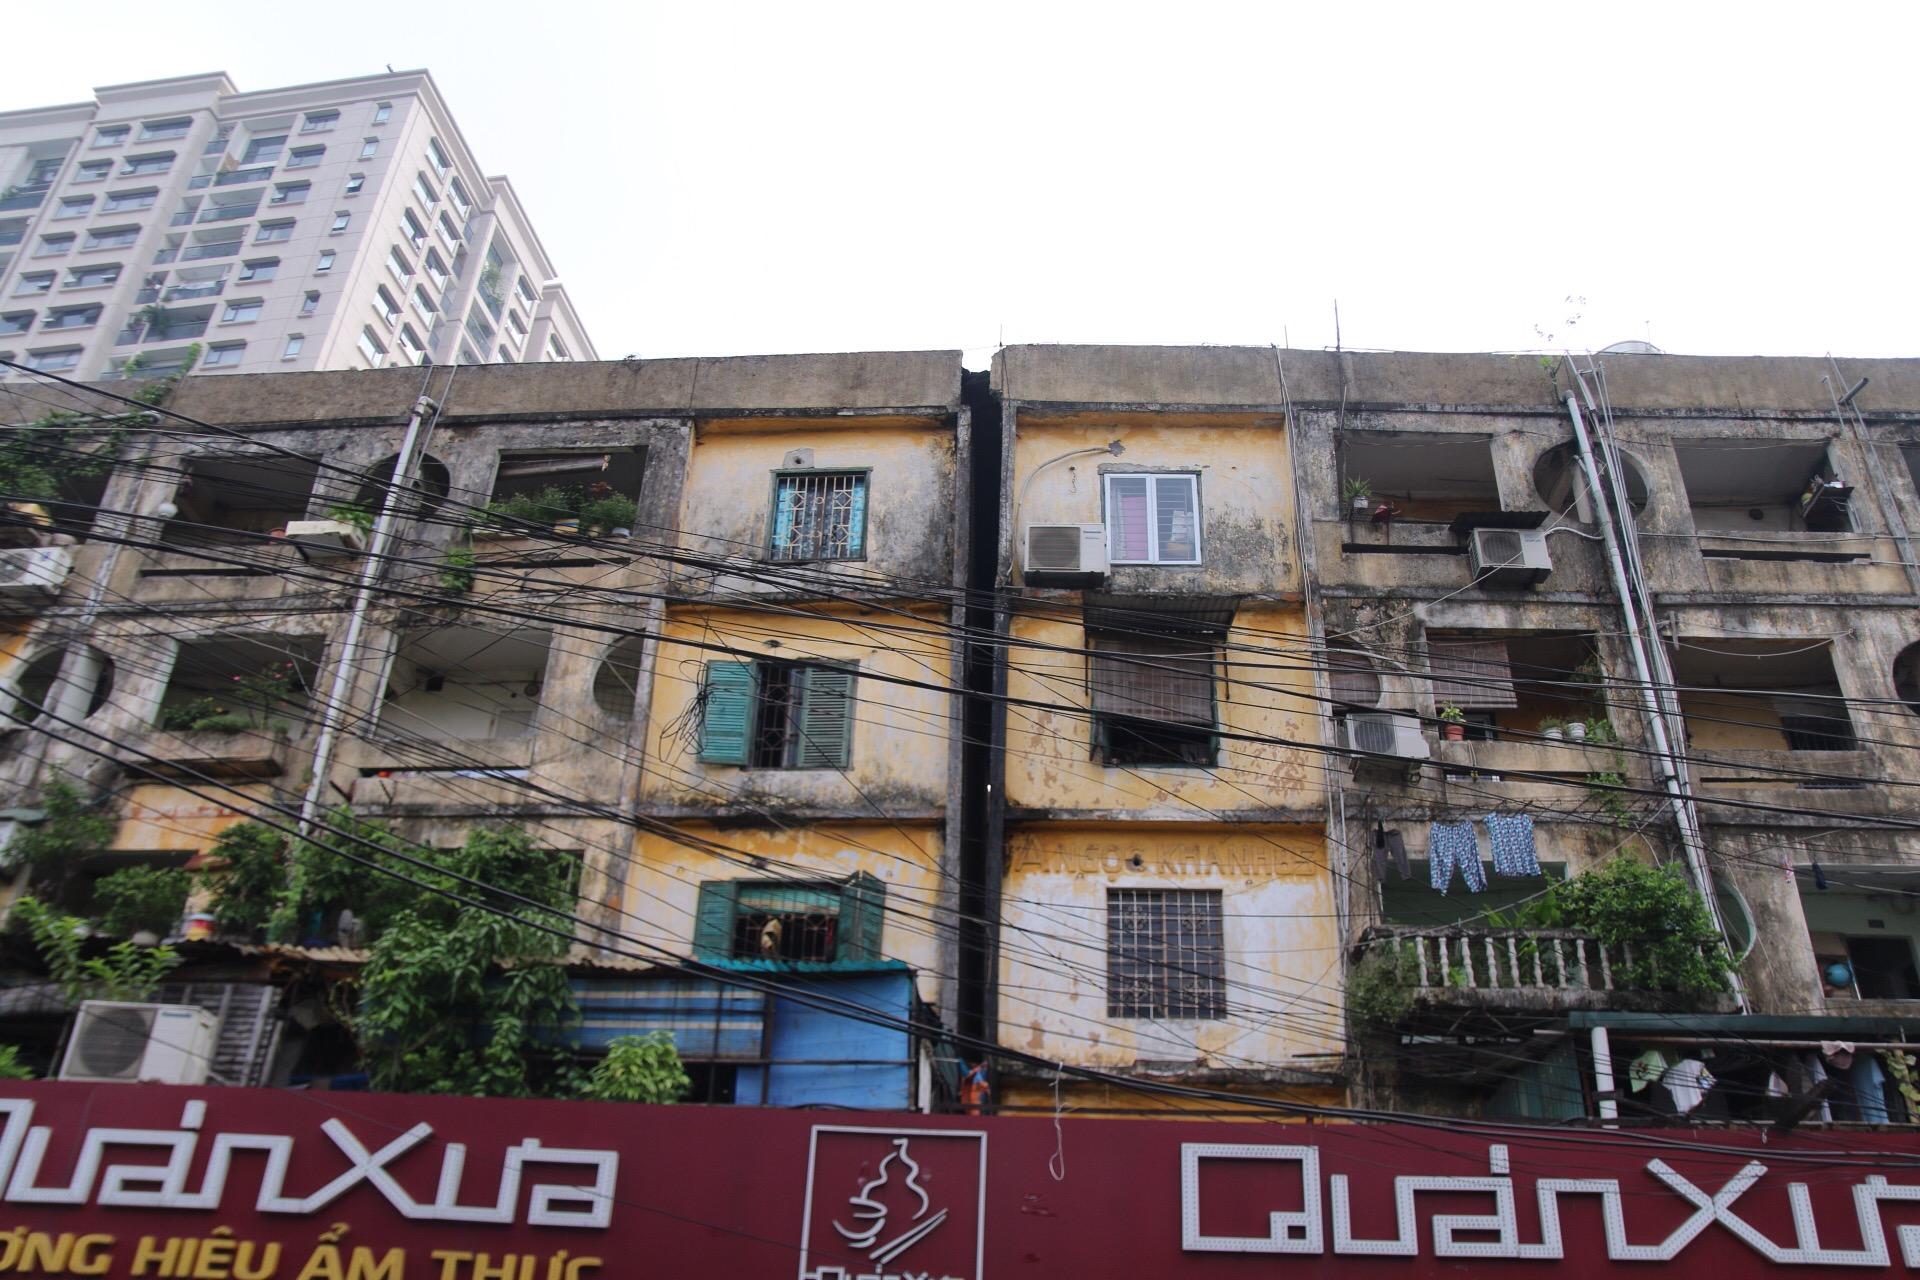 Cải tạo chung cư cũ tại Hà Nội: Giải bài toán lợi ích